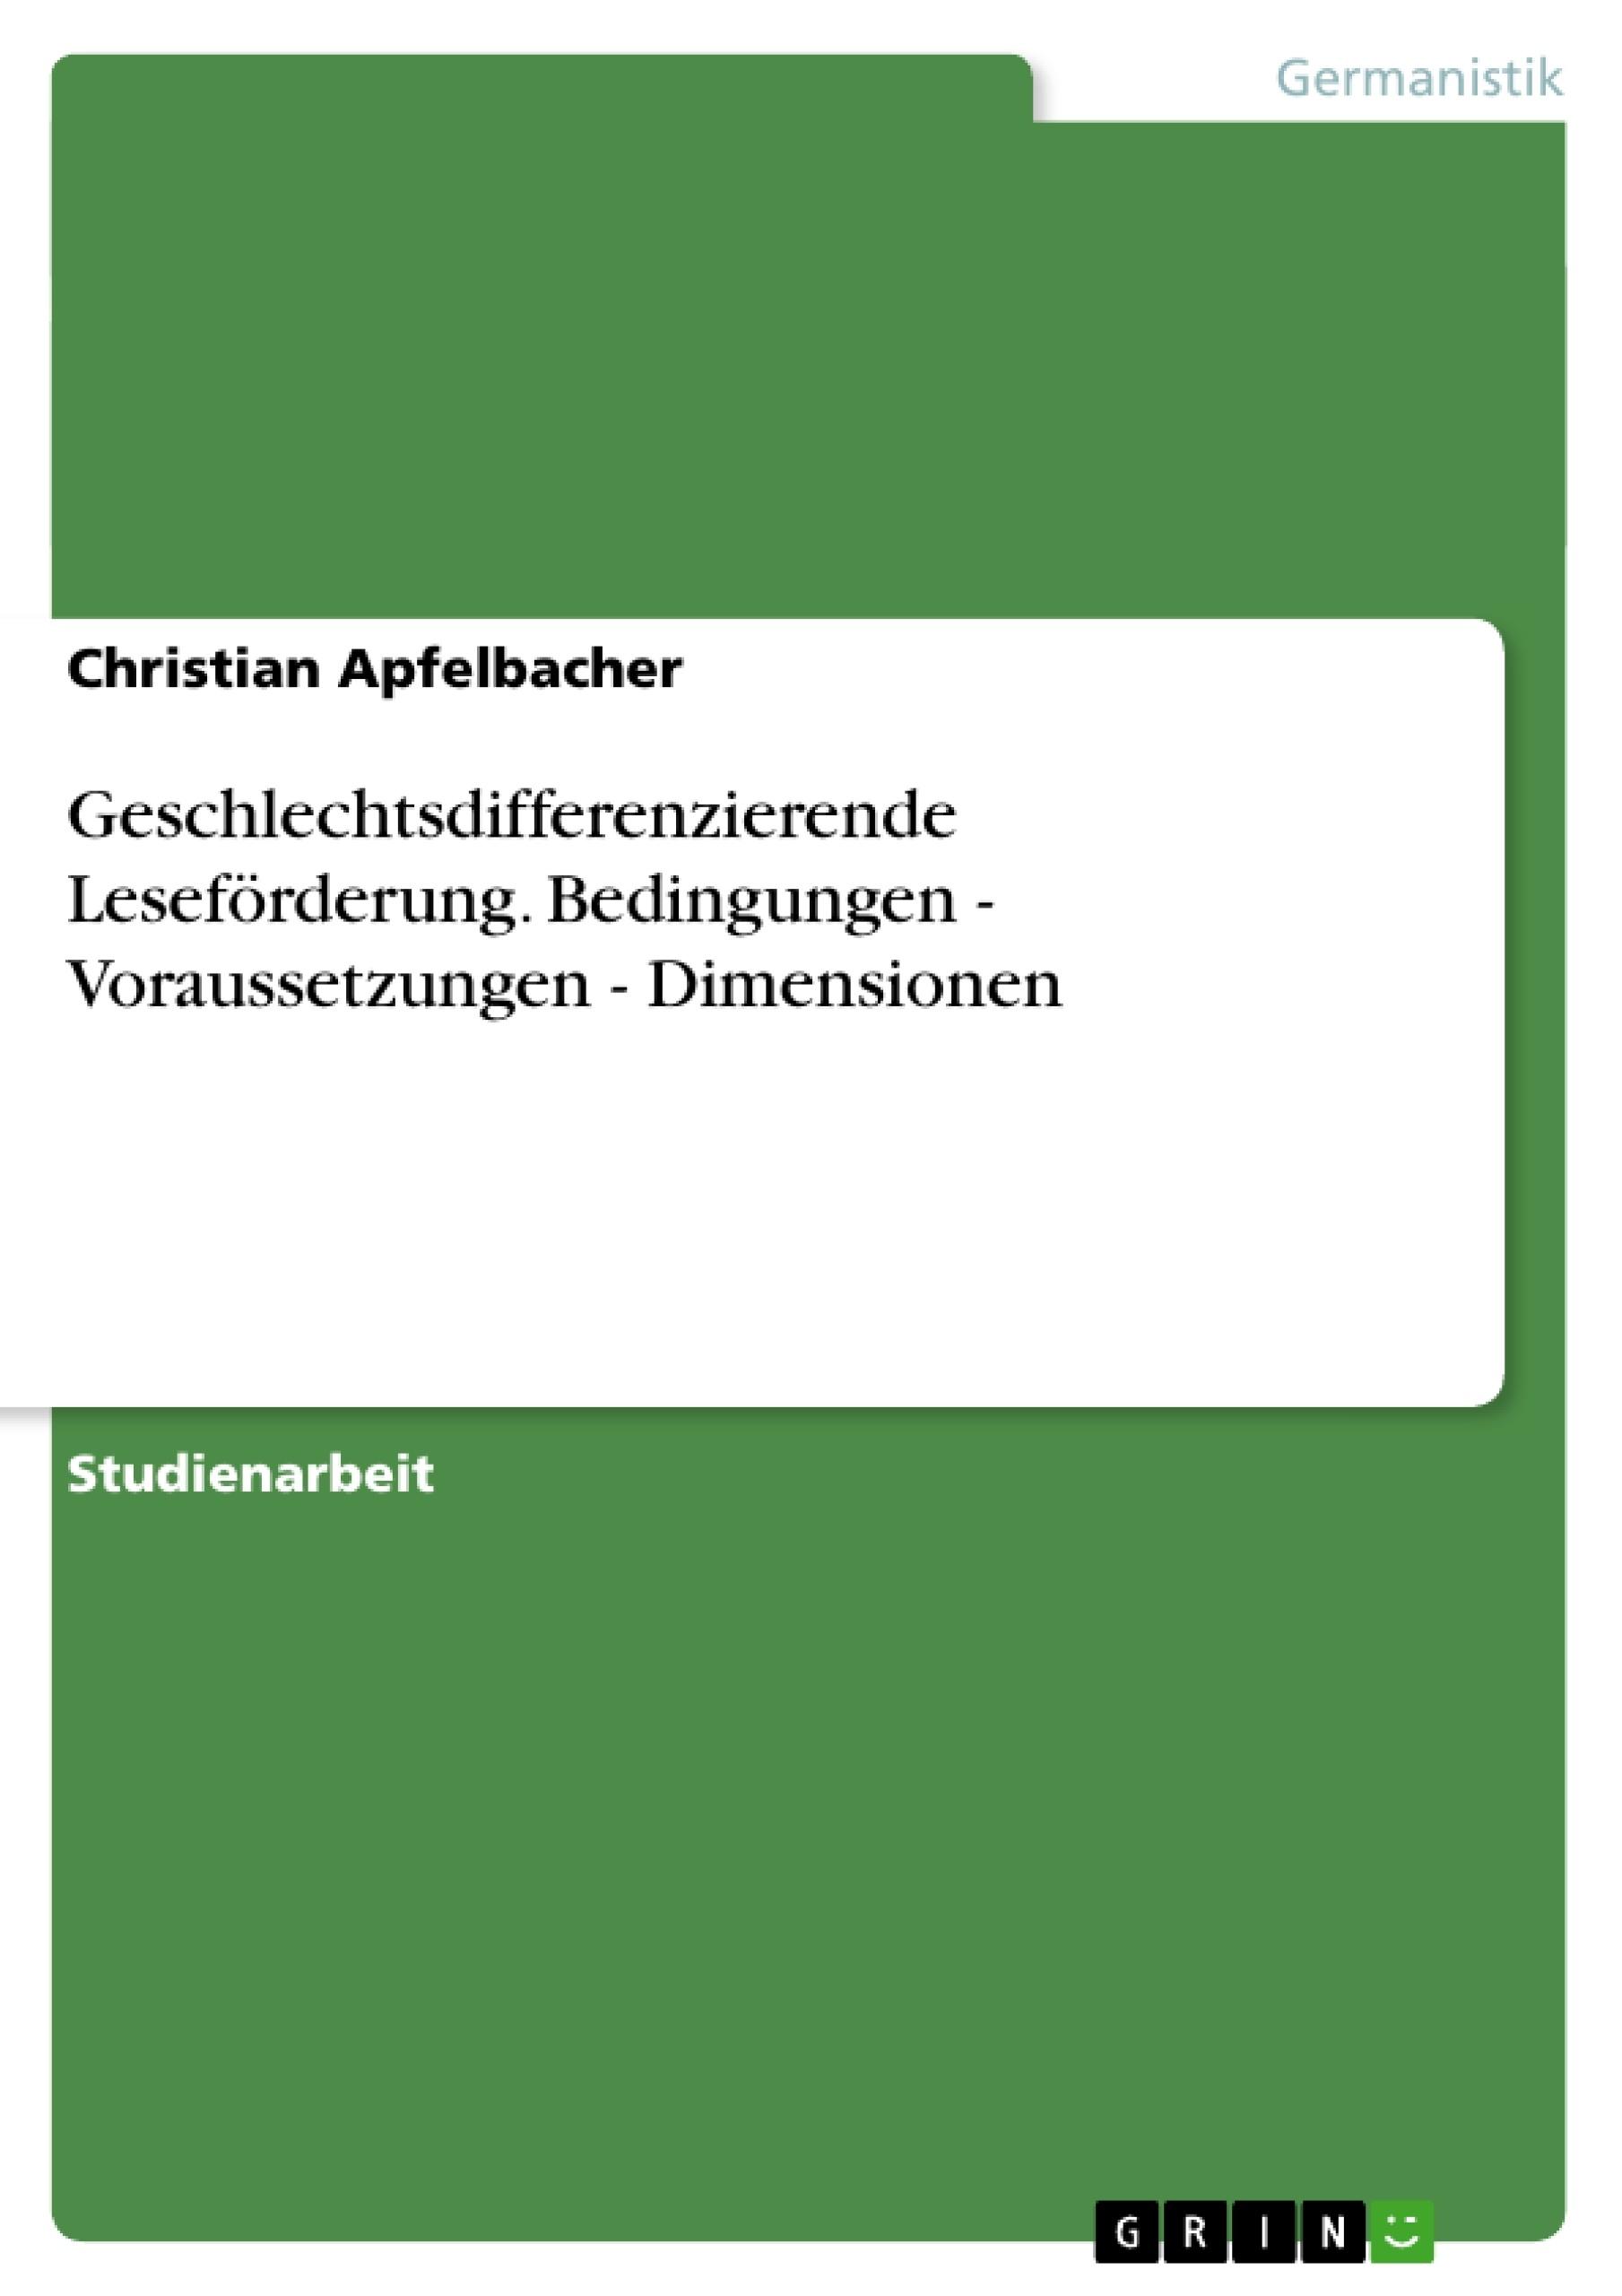 Titel: Geschlechtsdifferenzierende Leseförderung. Bedingungen - Voraussetzungen - Dimensionen